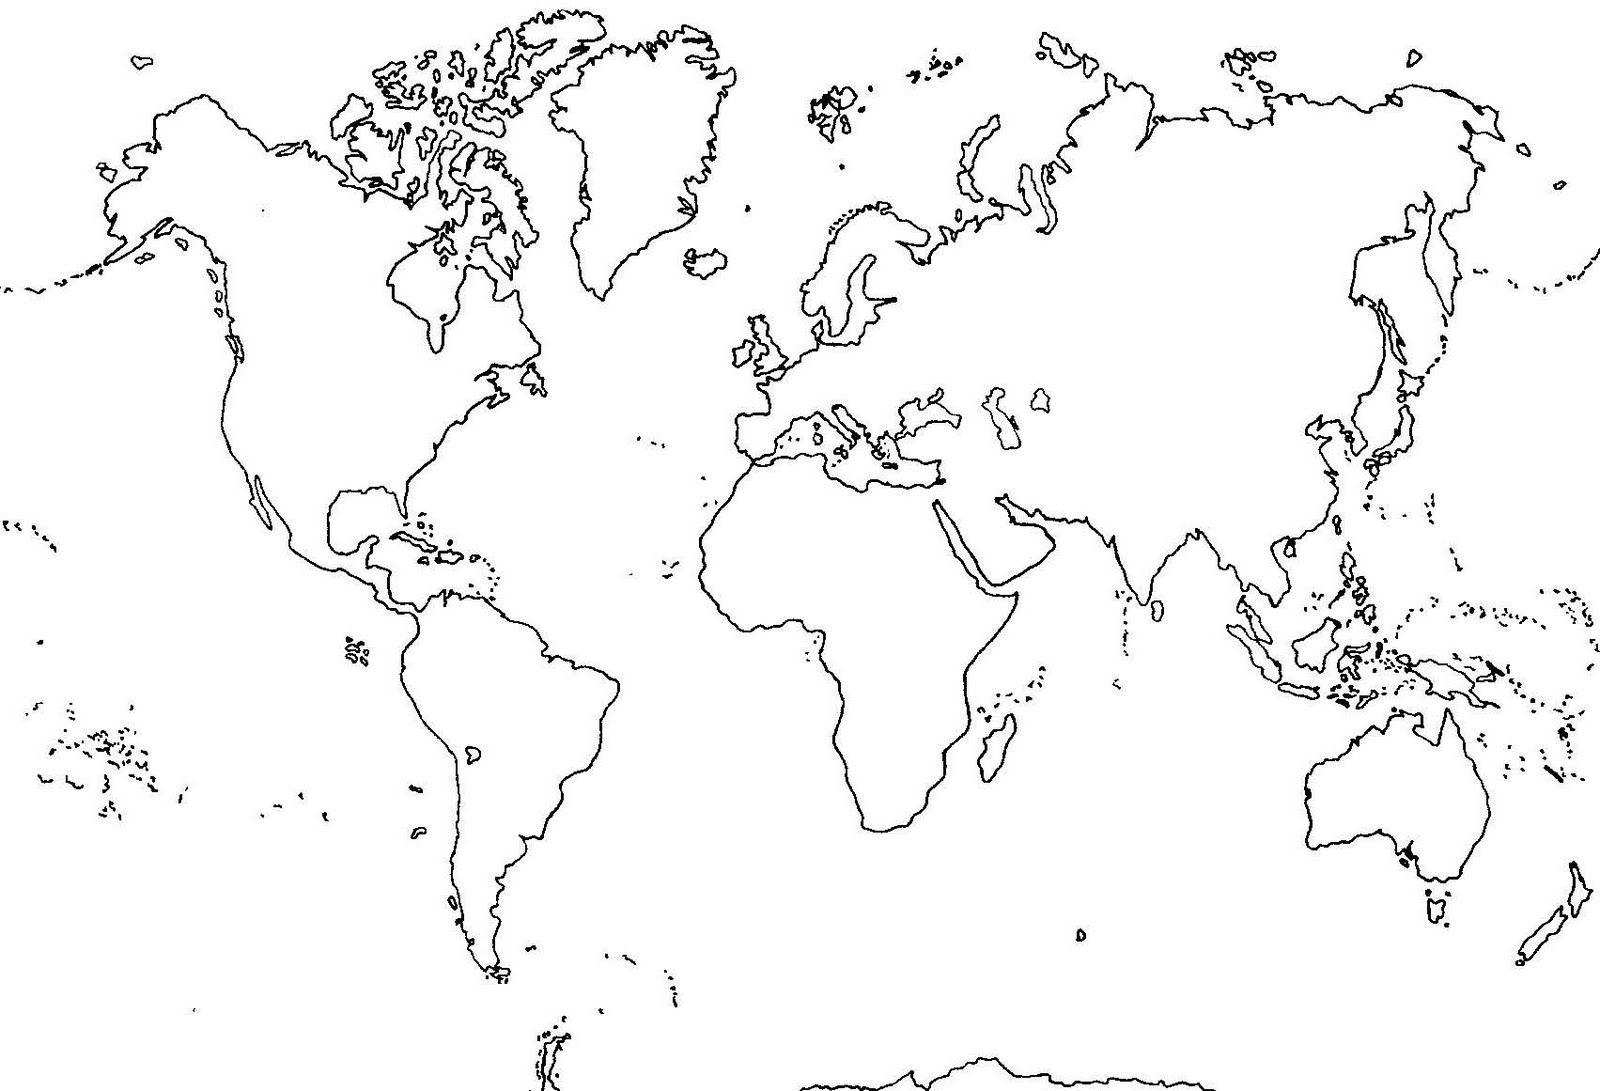 MAPAS MUDOS GRATIS MAPAS MUDOS DE CONTINENTES  Mapa mudo